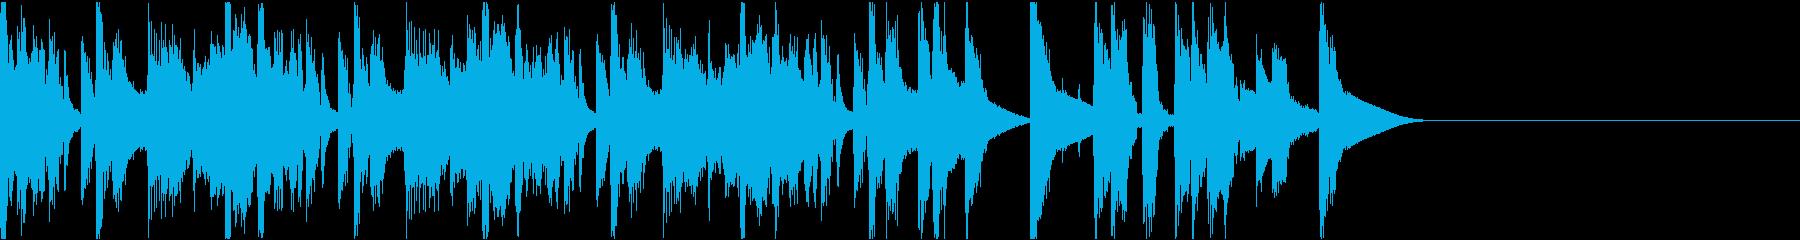 おしゃれイケイケ/ジングルの再生済みの波形